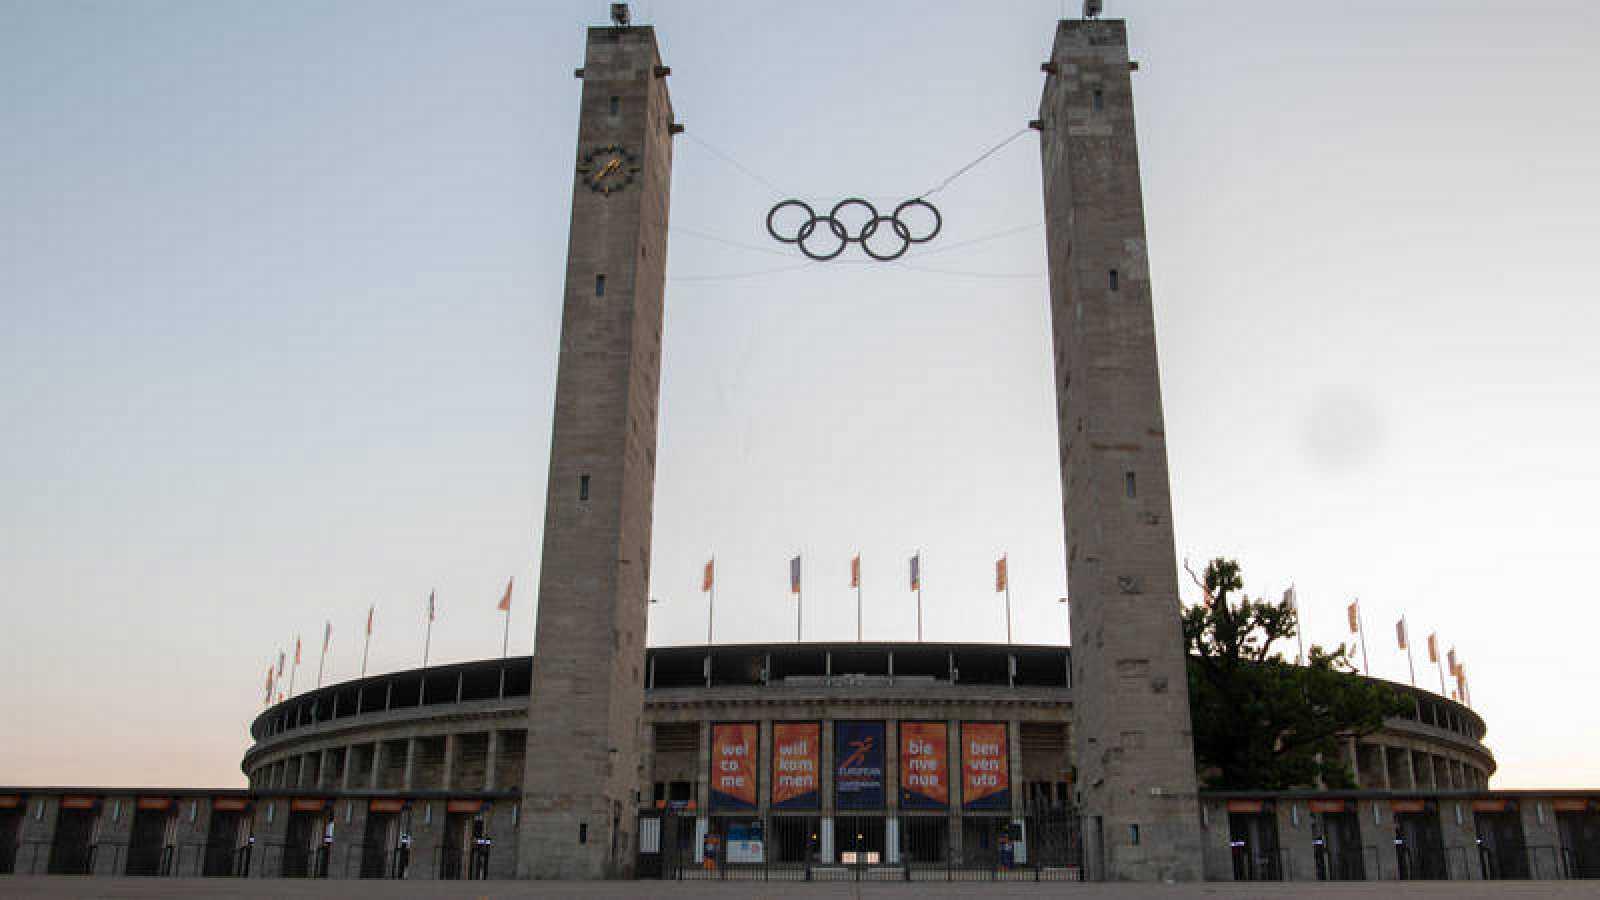 Vista del Estadio Olímpico de Berlín, sede de los Europeos de Atletismo